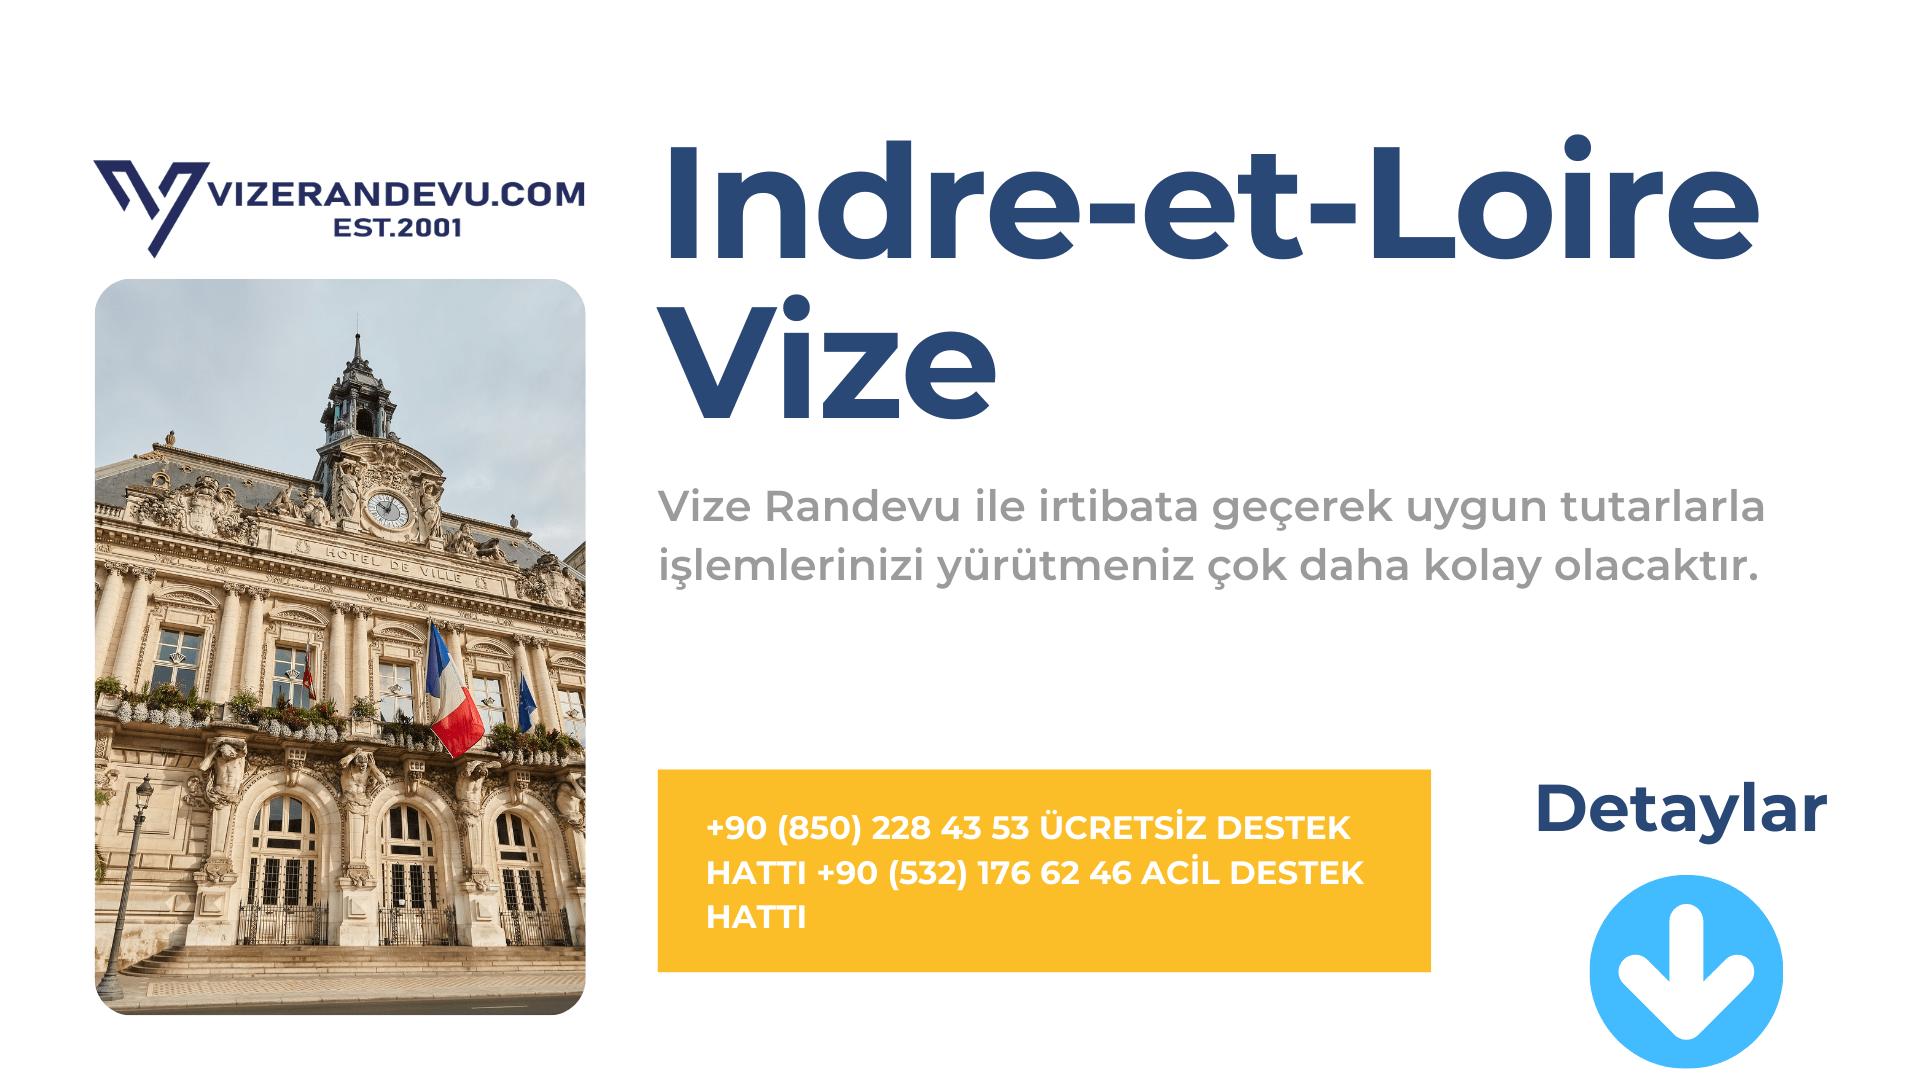 Fransa Indre-et-Loire Vize Başvurusu